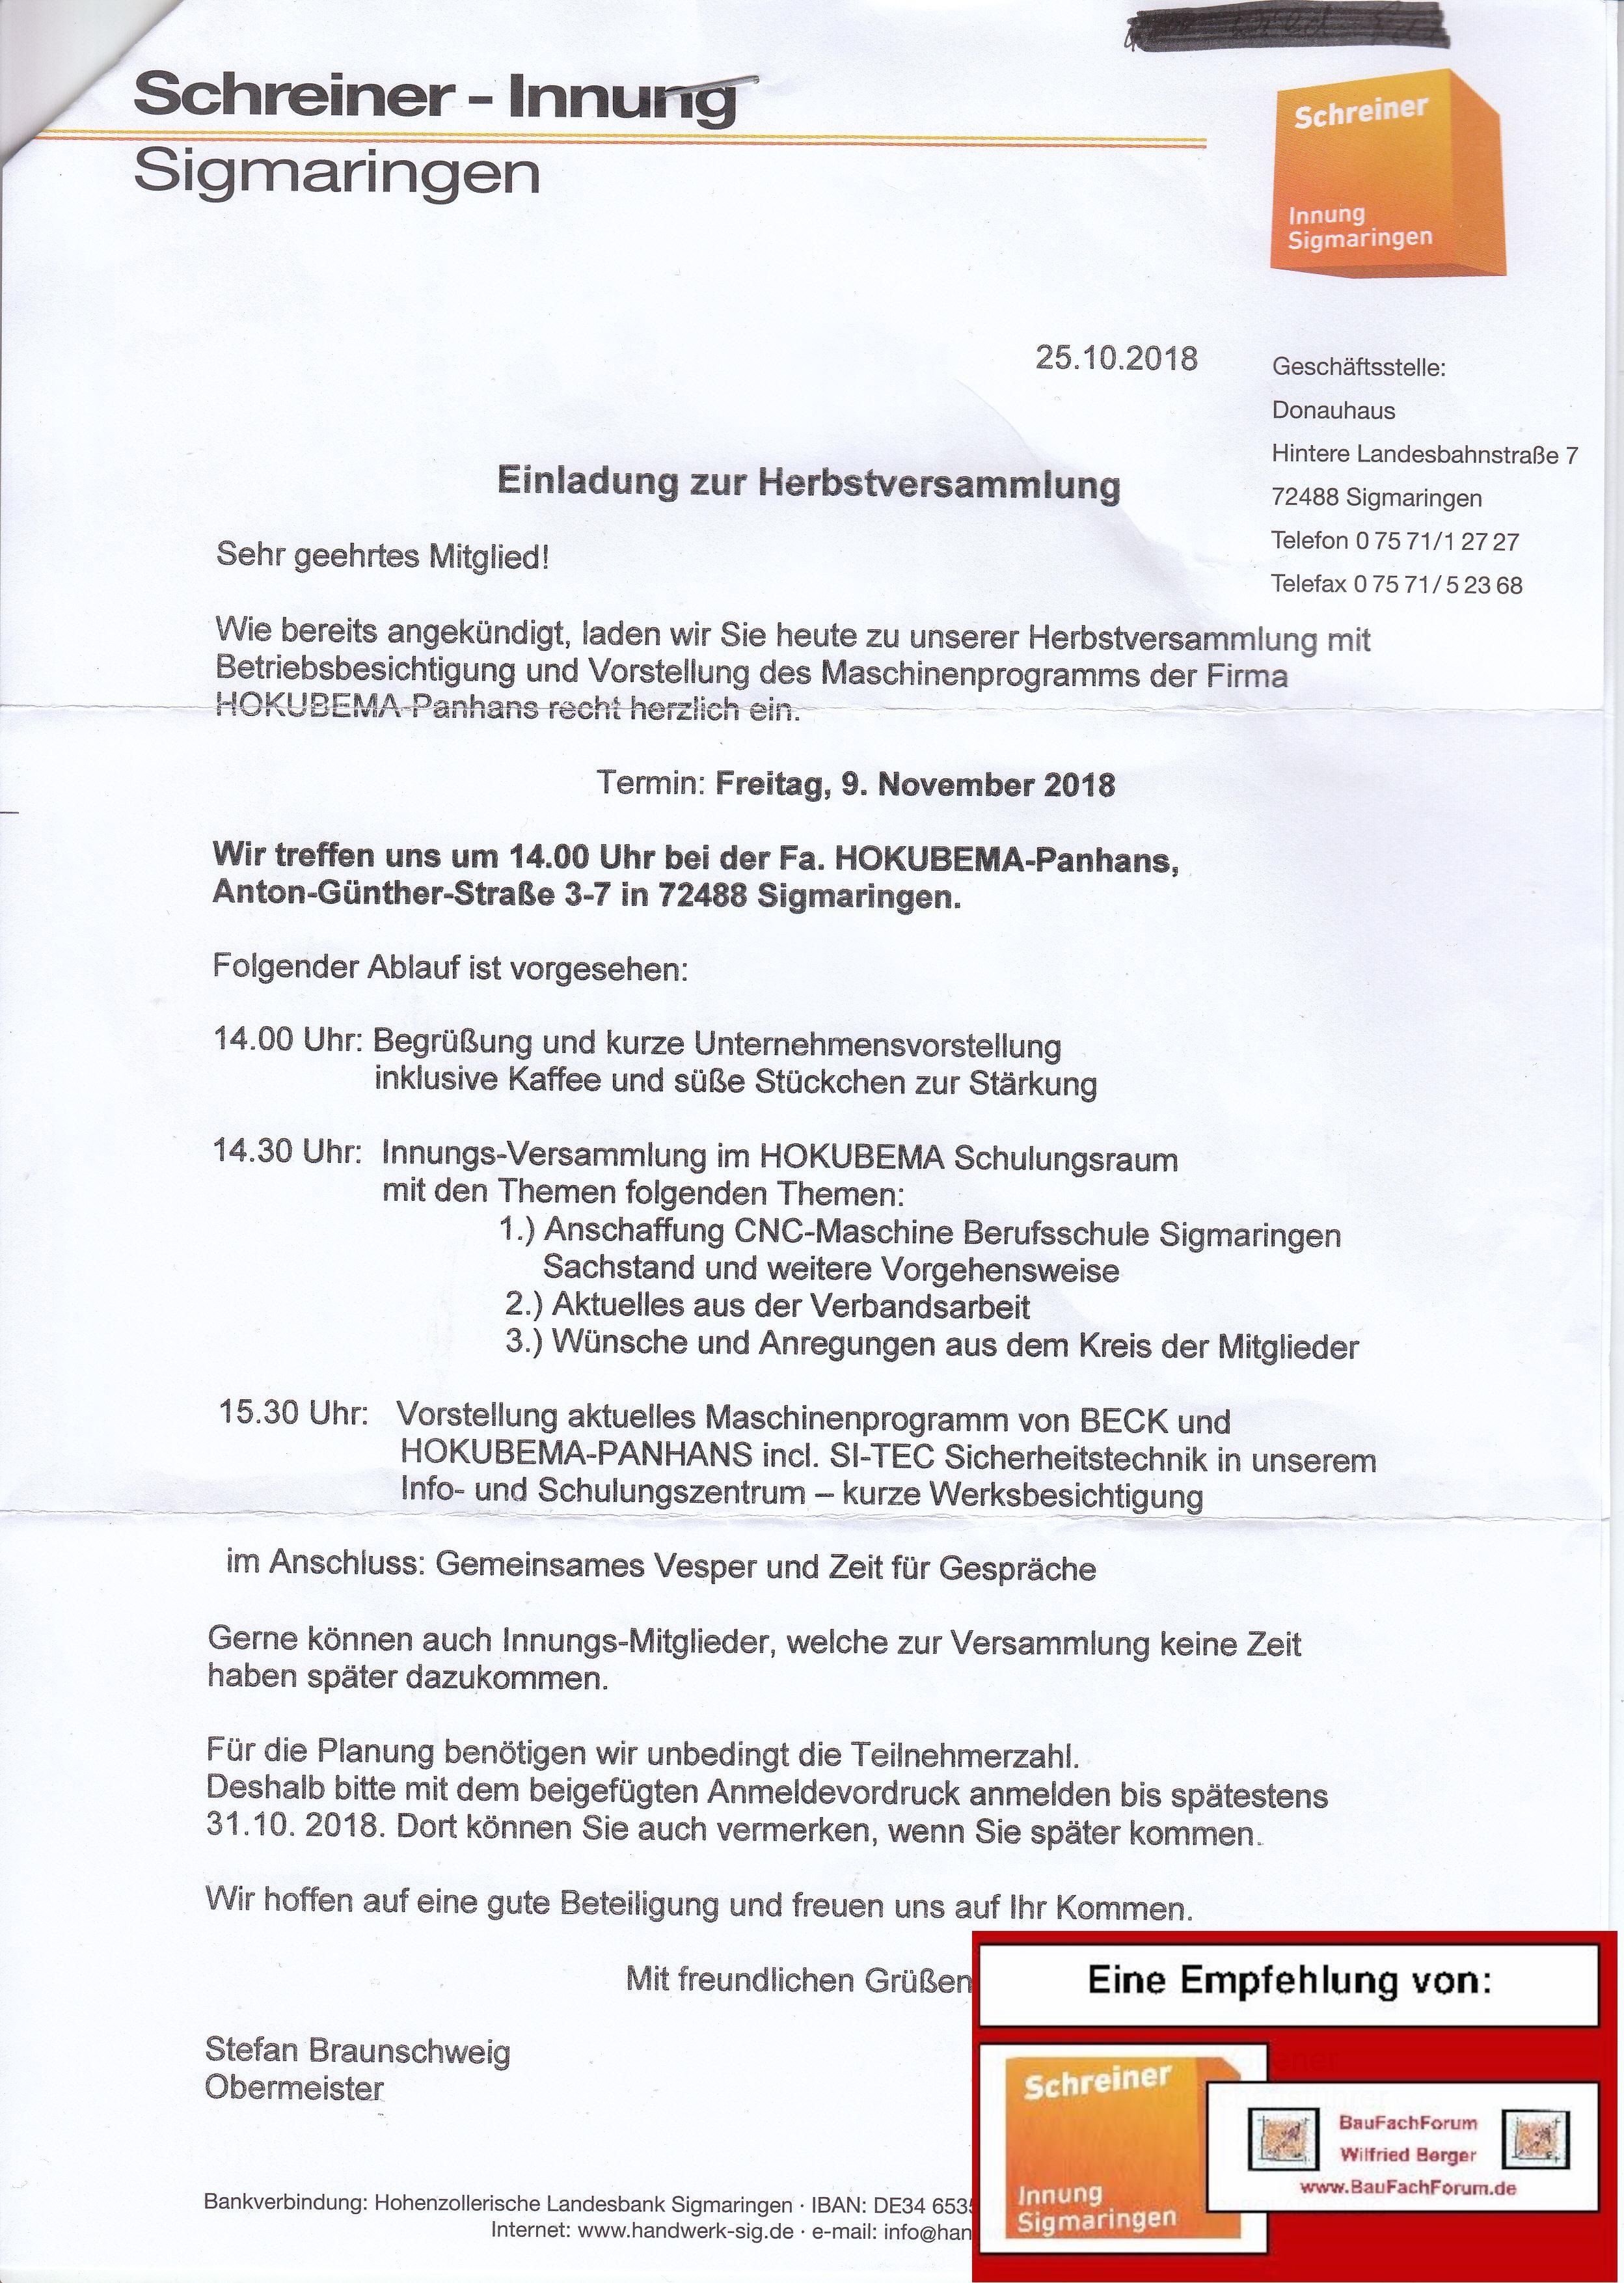 Schreinertag, Ents… Sigmaringen, Besichtigung und Programm